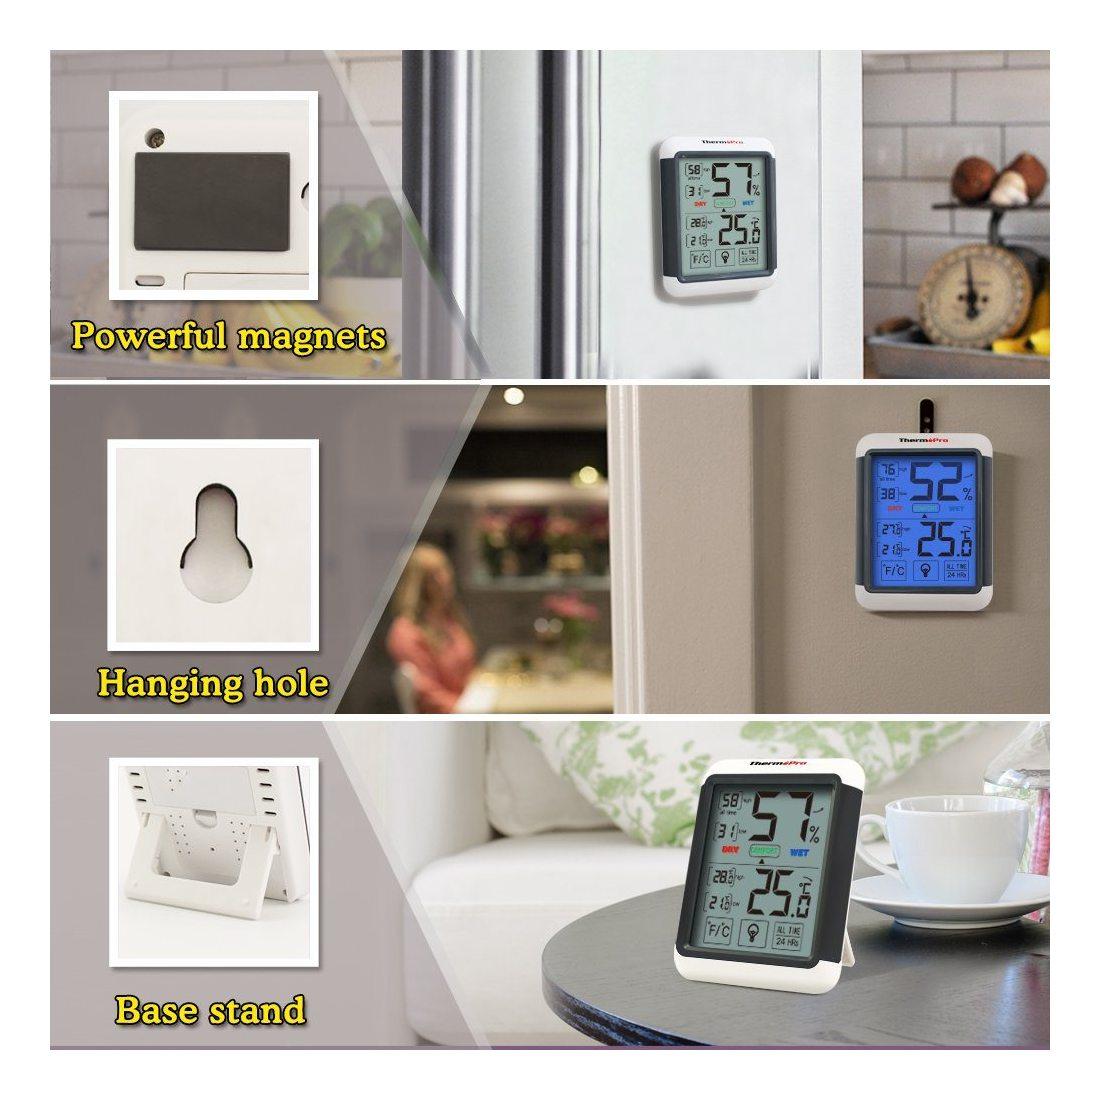 ThermoPro TP-55 Thermomètre Hygromètre Numérique, Rétroéclairage Bleu, Grand Écran LCD Tactile, Moniteur Température Humidité